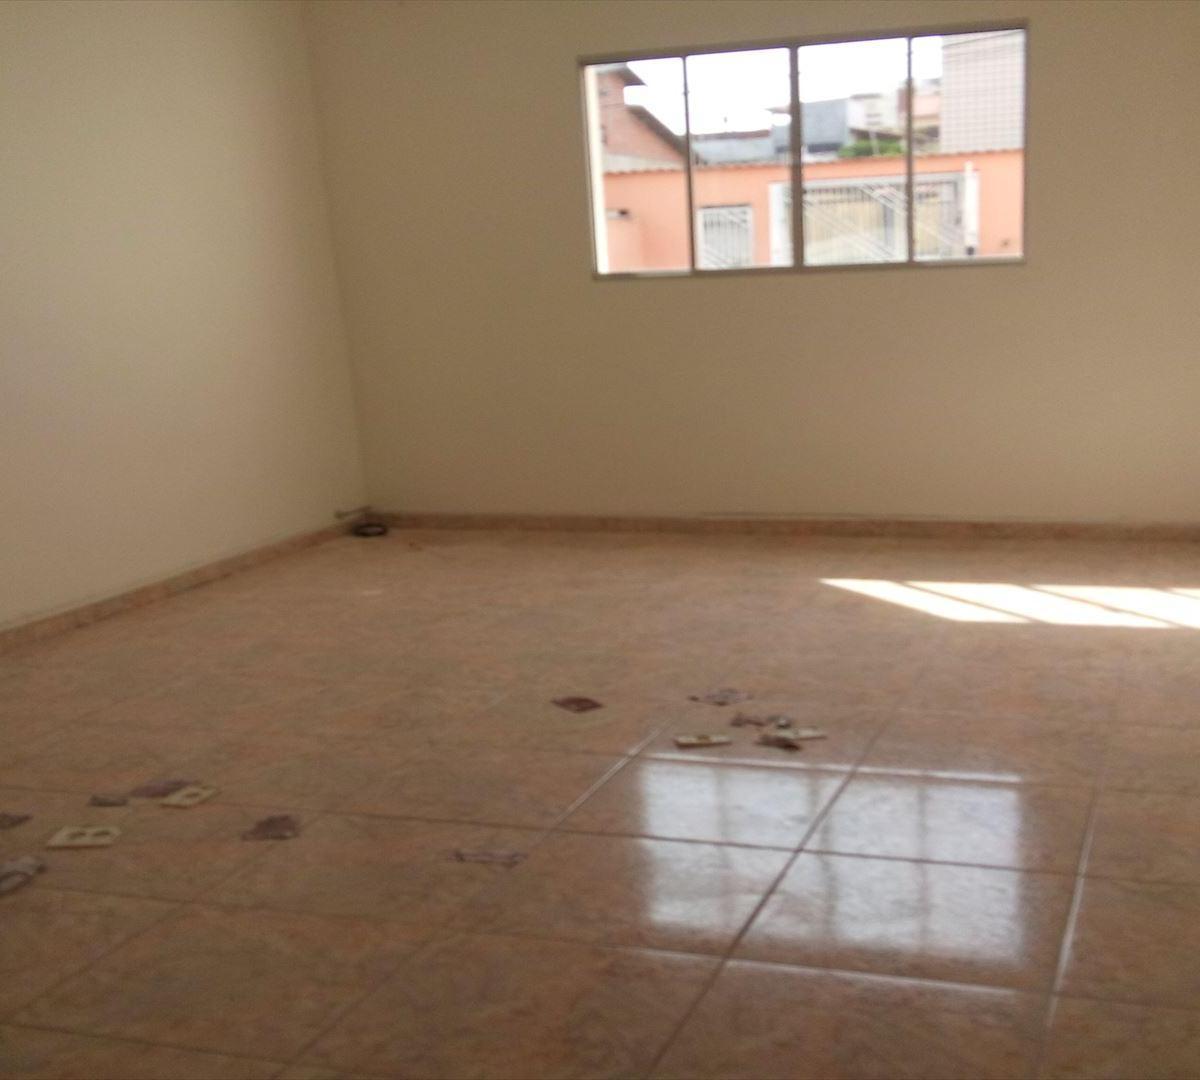 Imagens de #965635  Lavínia Mogi das Cruzes R$ 900 90 m2 ID: 2928036119 Imovelweb 1200x1080 px 2788 Box Banheiro Mogi Das Cruzes